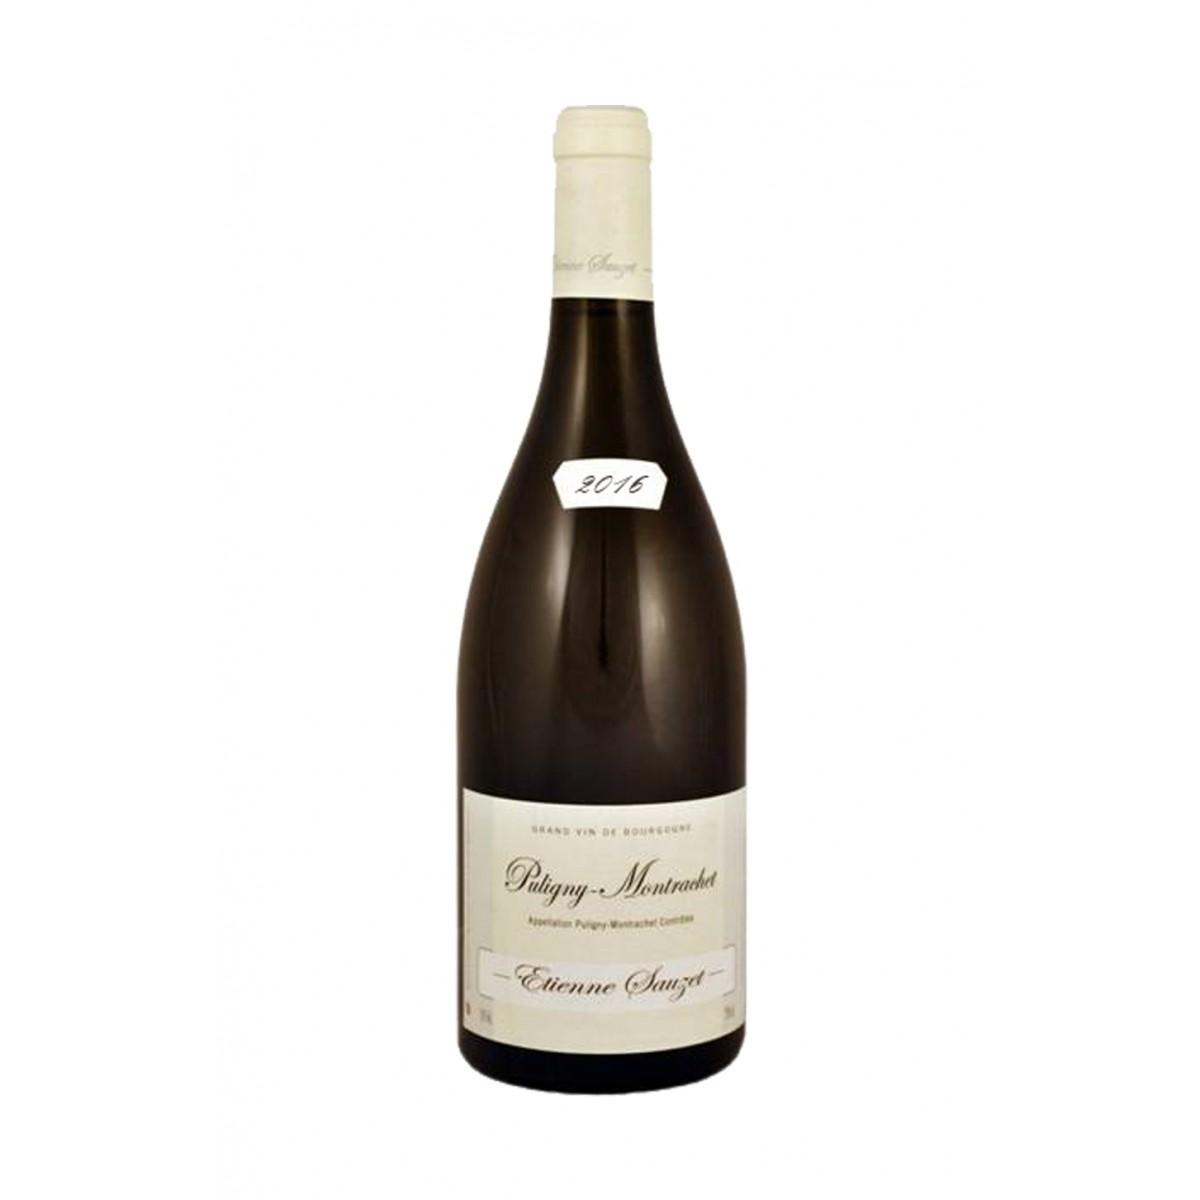 Puligny-Montrachet 2016 - Domaine Etienne Sauzet